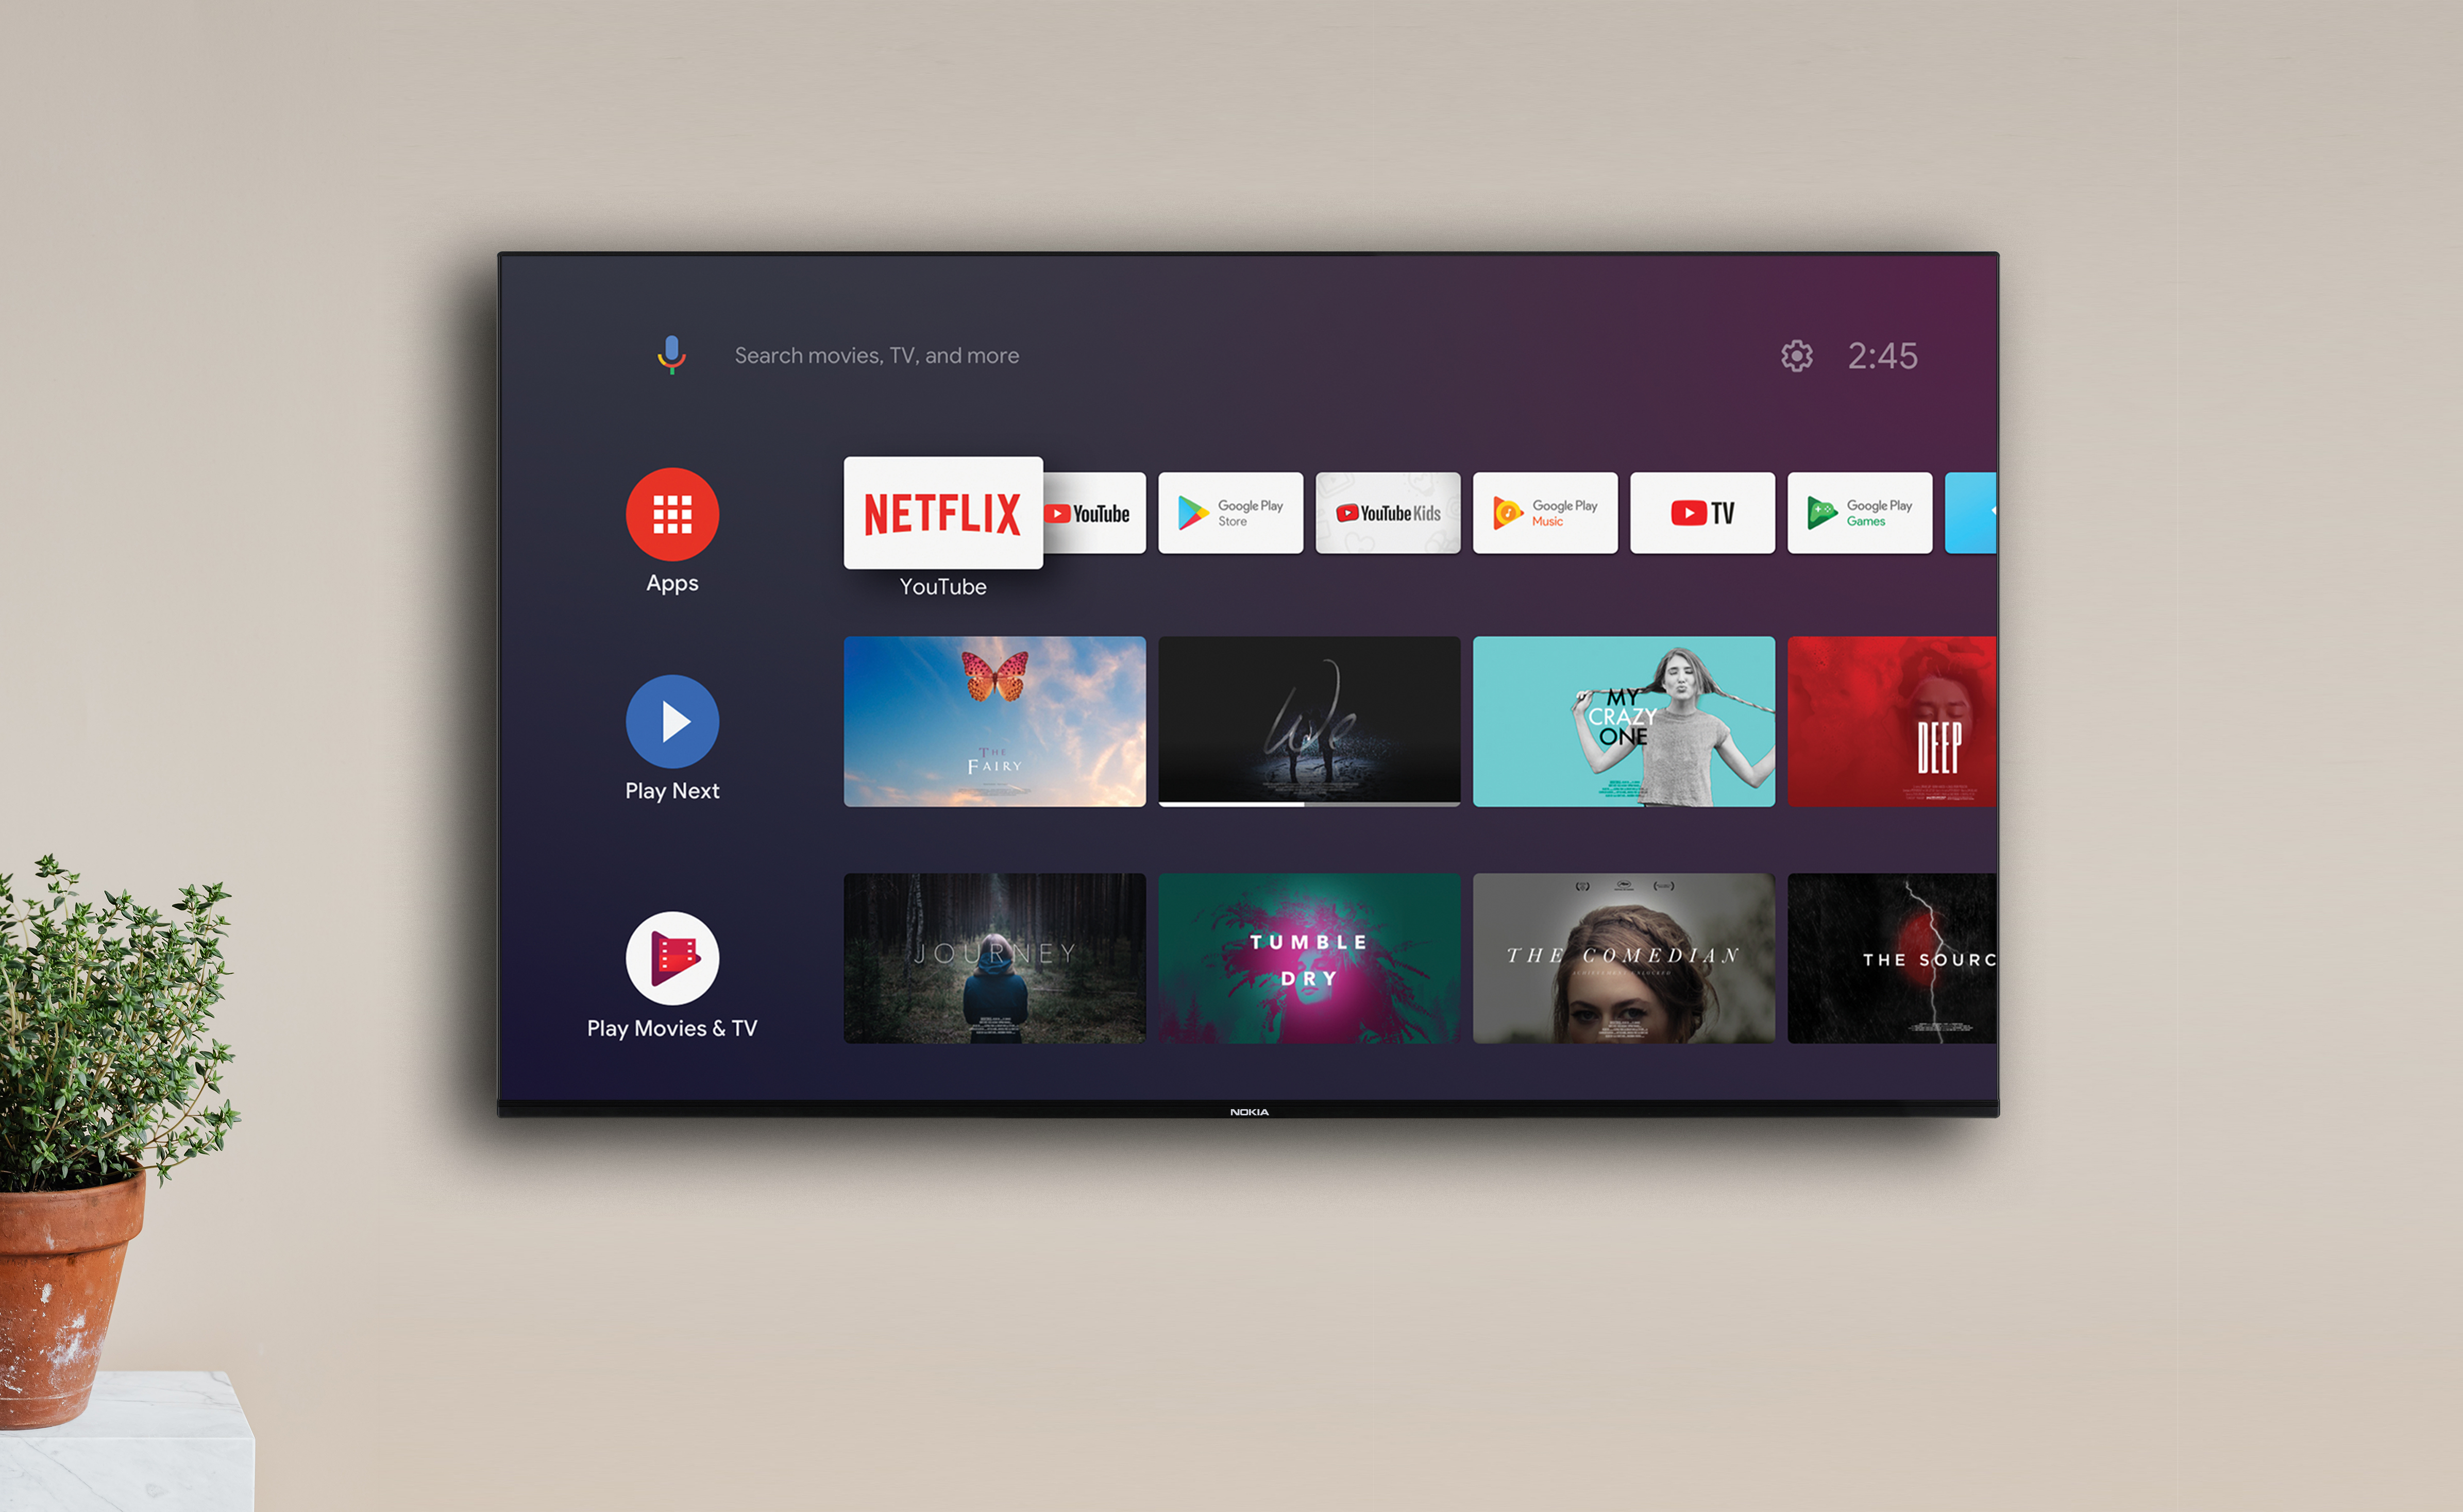 По всей видимости компания Flipkart собирается последовать примеру Motorola и OnePlus Теперь корпорация выходит на рынок смарт-телевизоров Уже готовится презентация